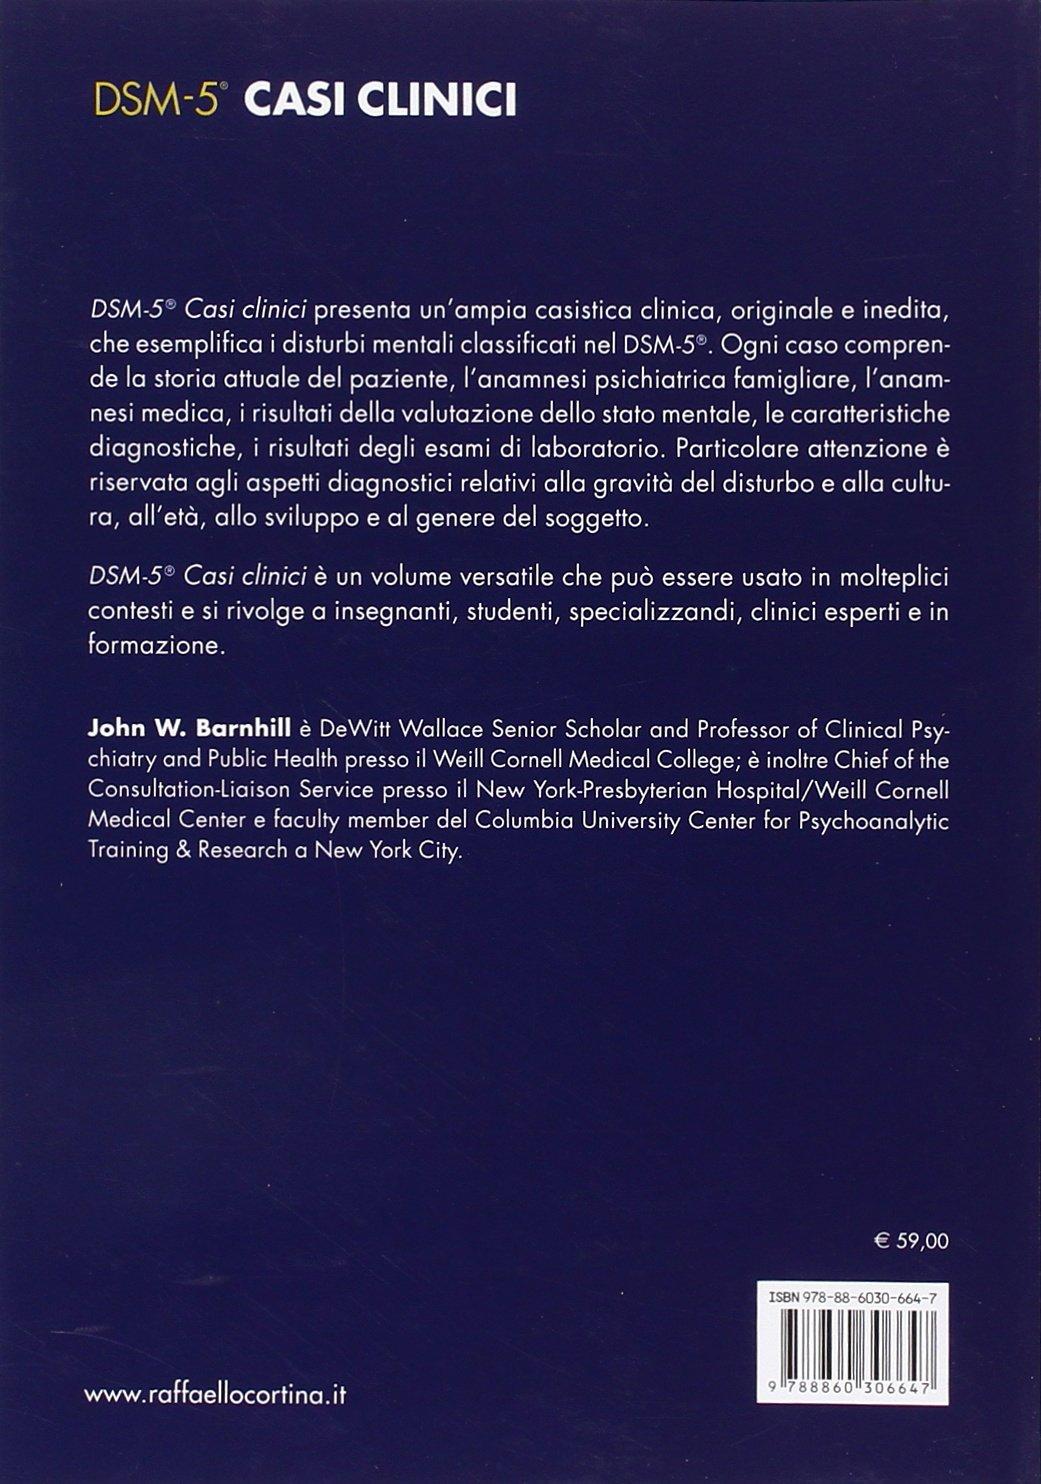 dsm 5 pdf italiano gratis